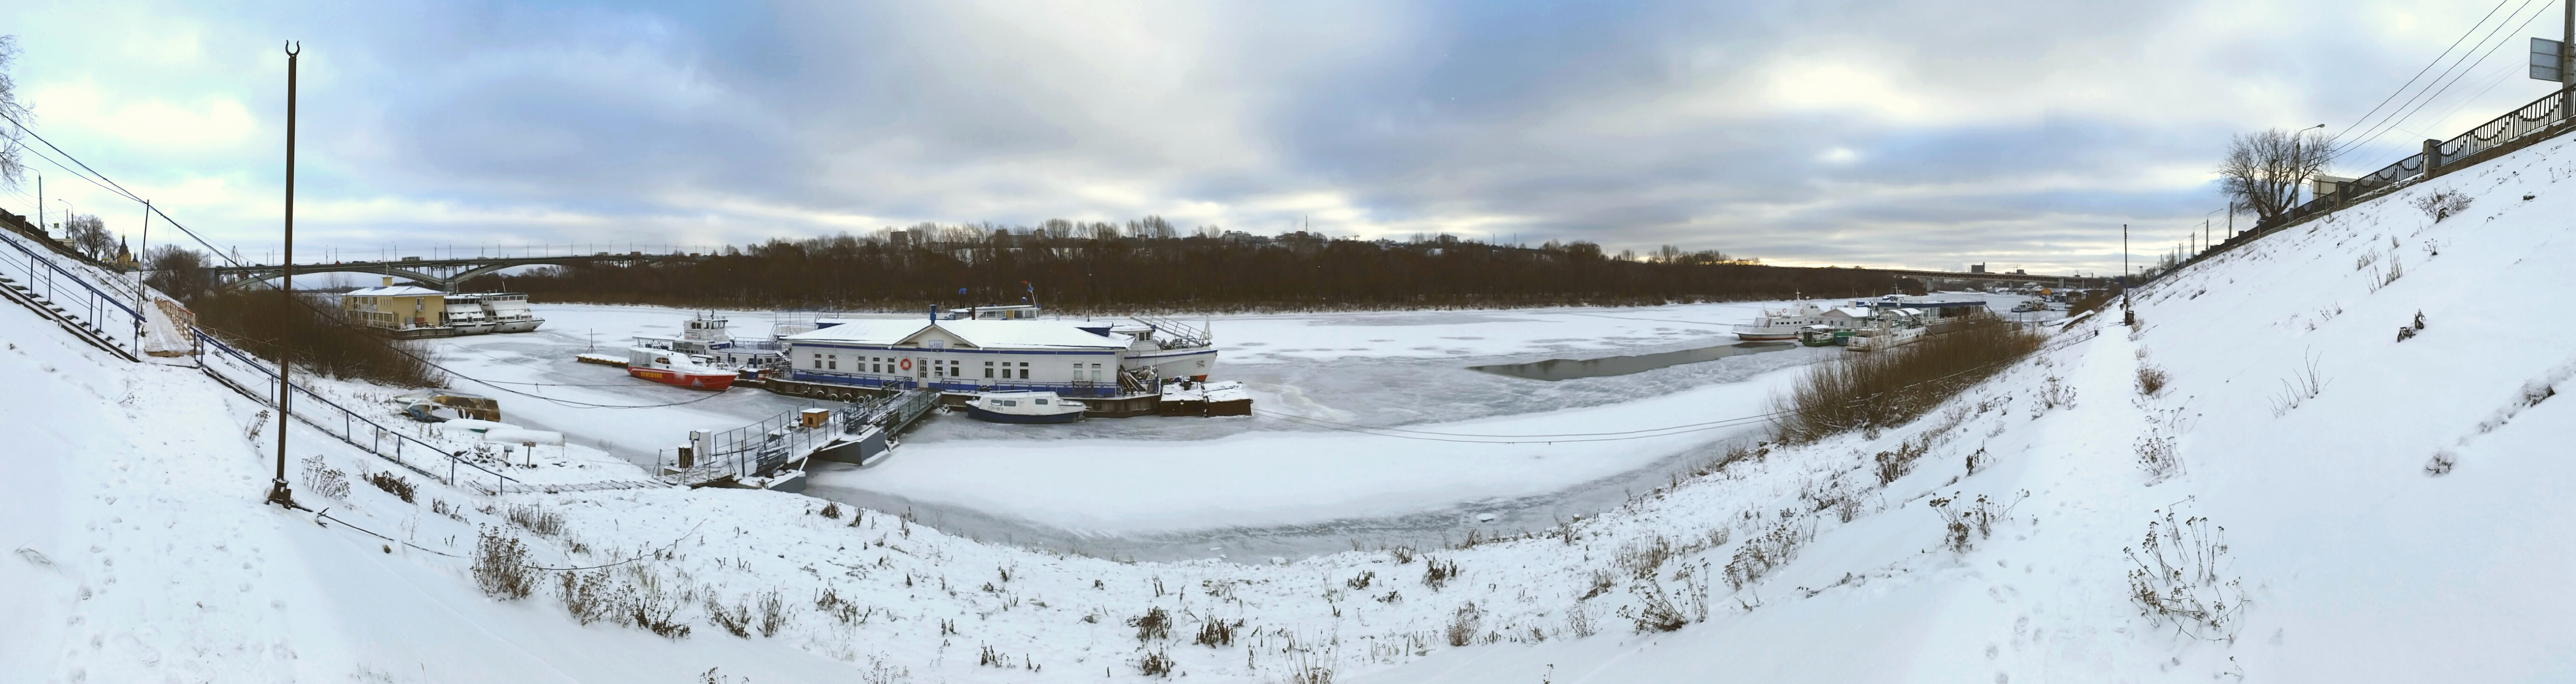 Речные прогулки ВСК Зима